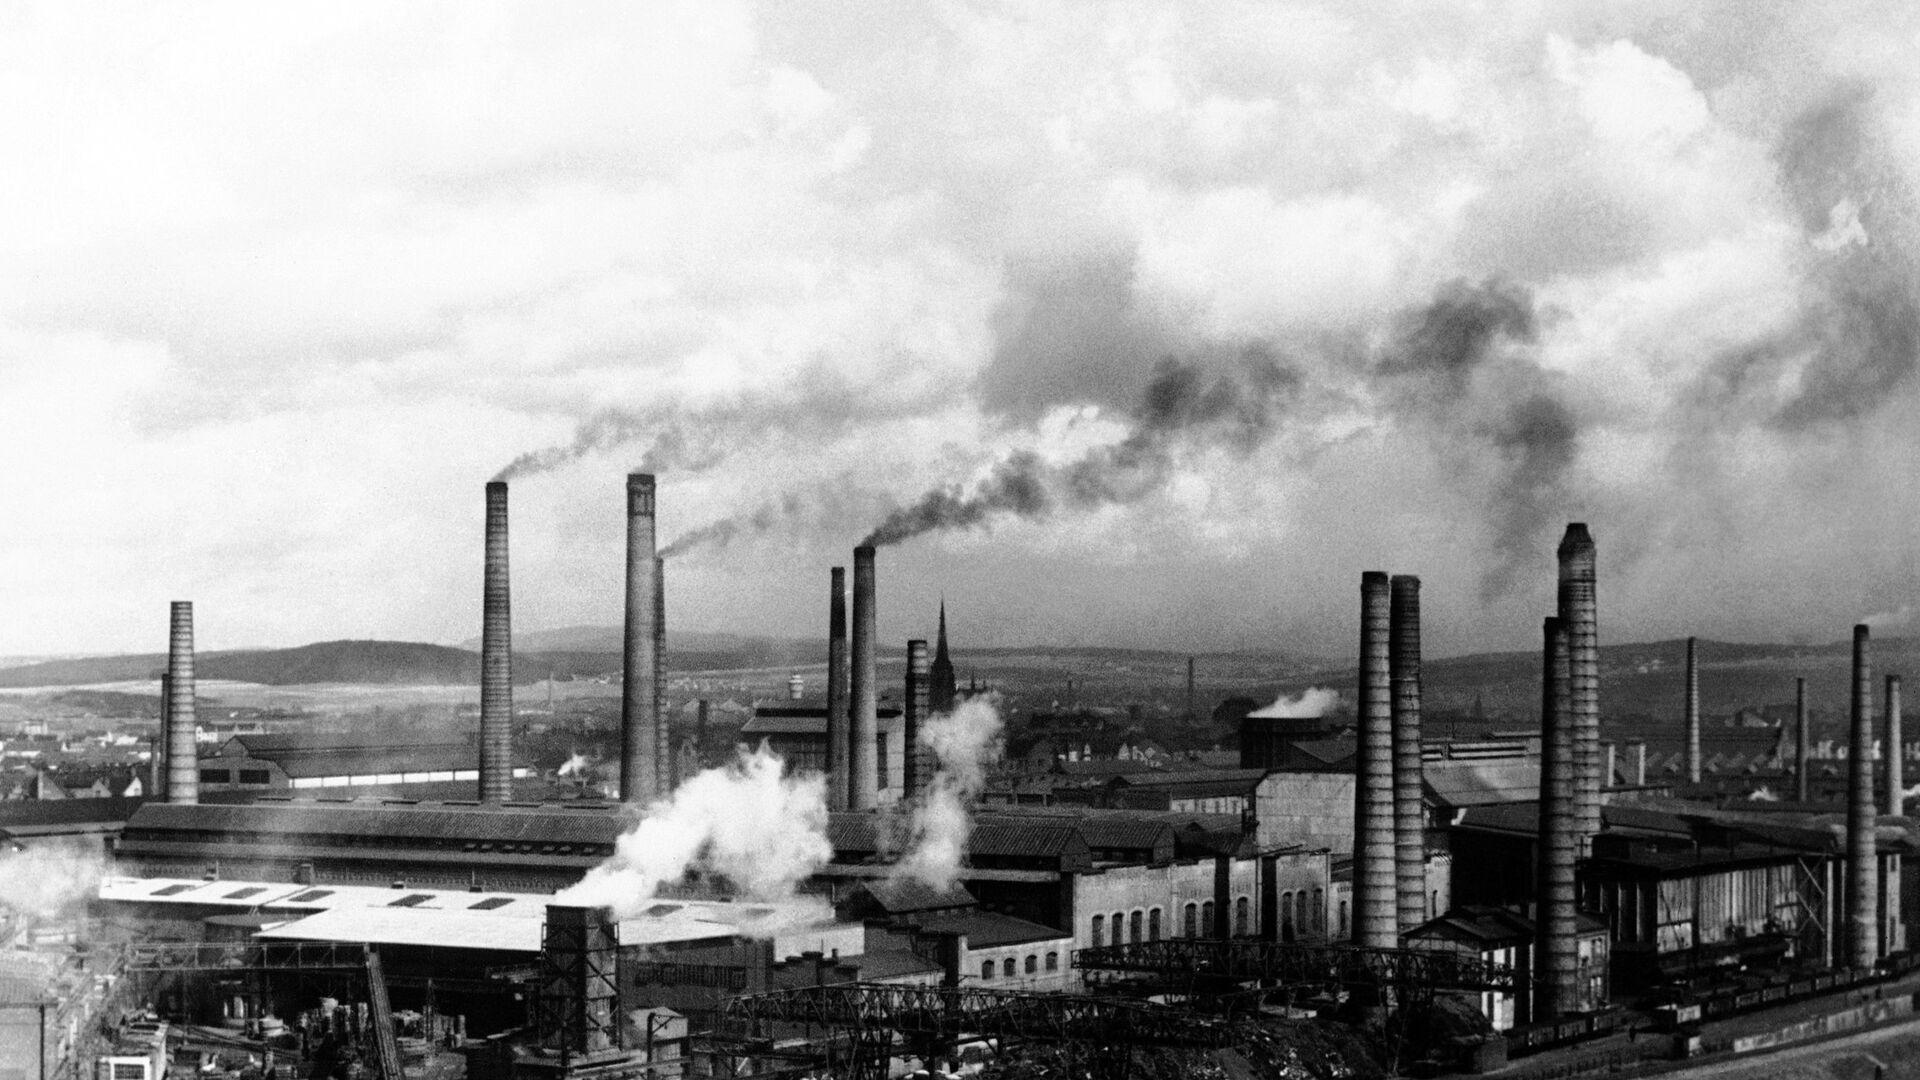 Завод Skoda в городе Пльзень, Чехословакия, в августе 1938 года - Sputnik Česká republika, 1920, 29.04.2021